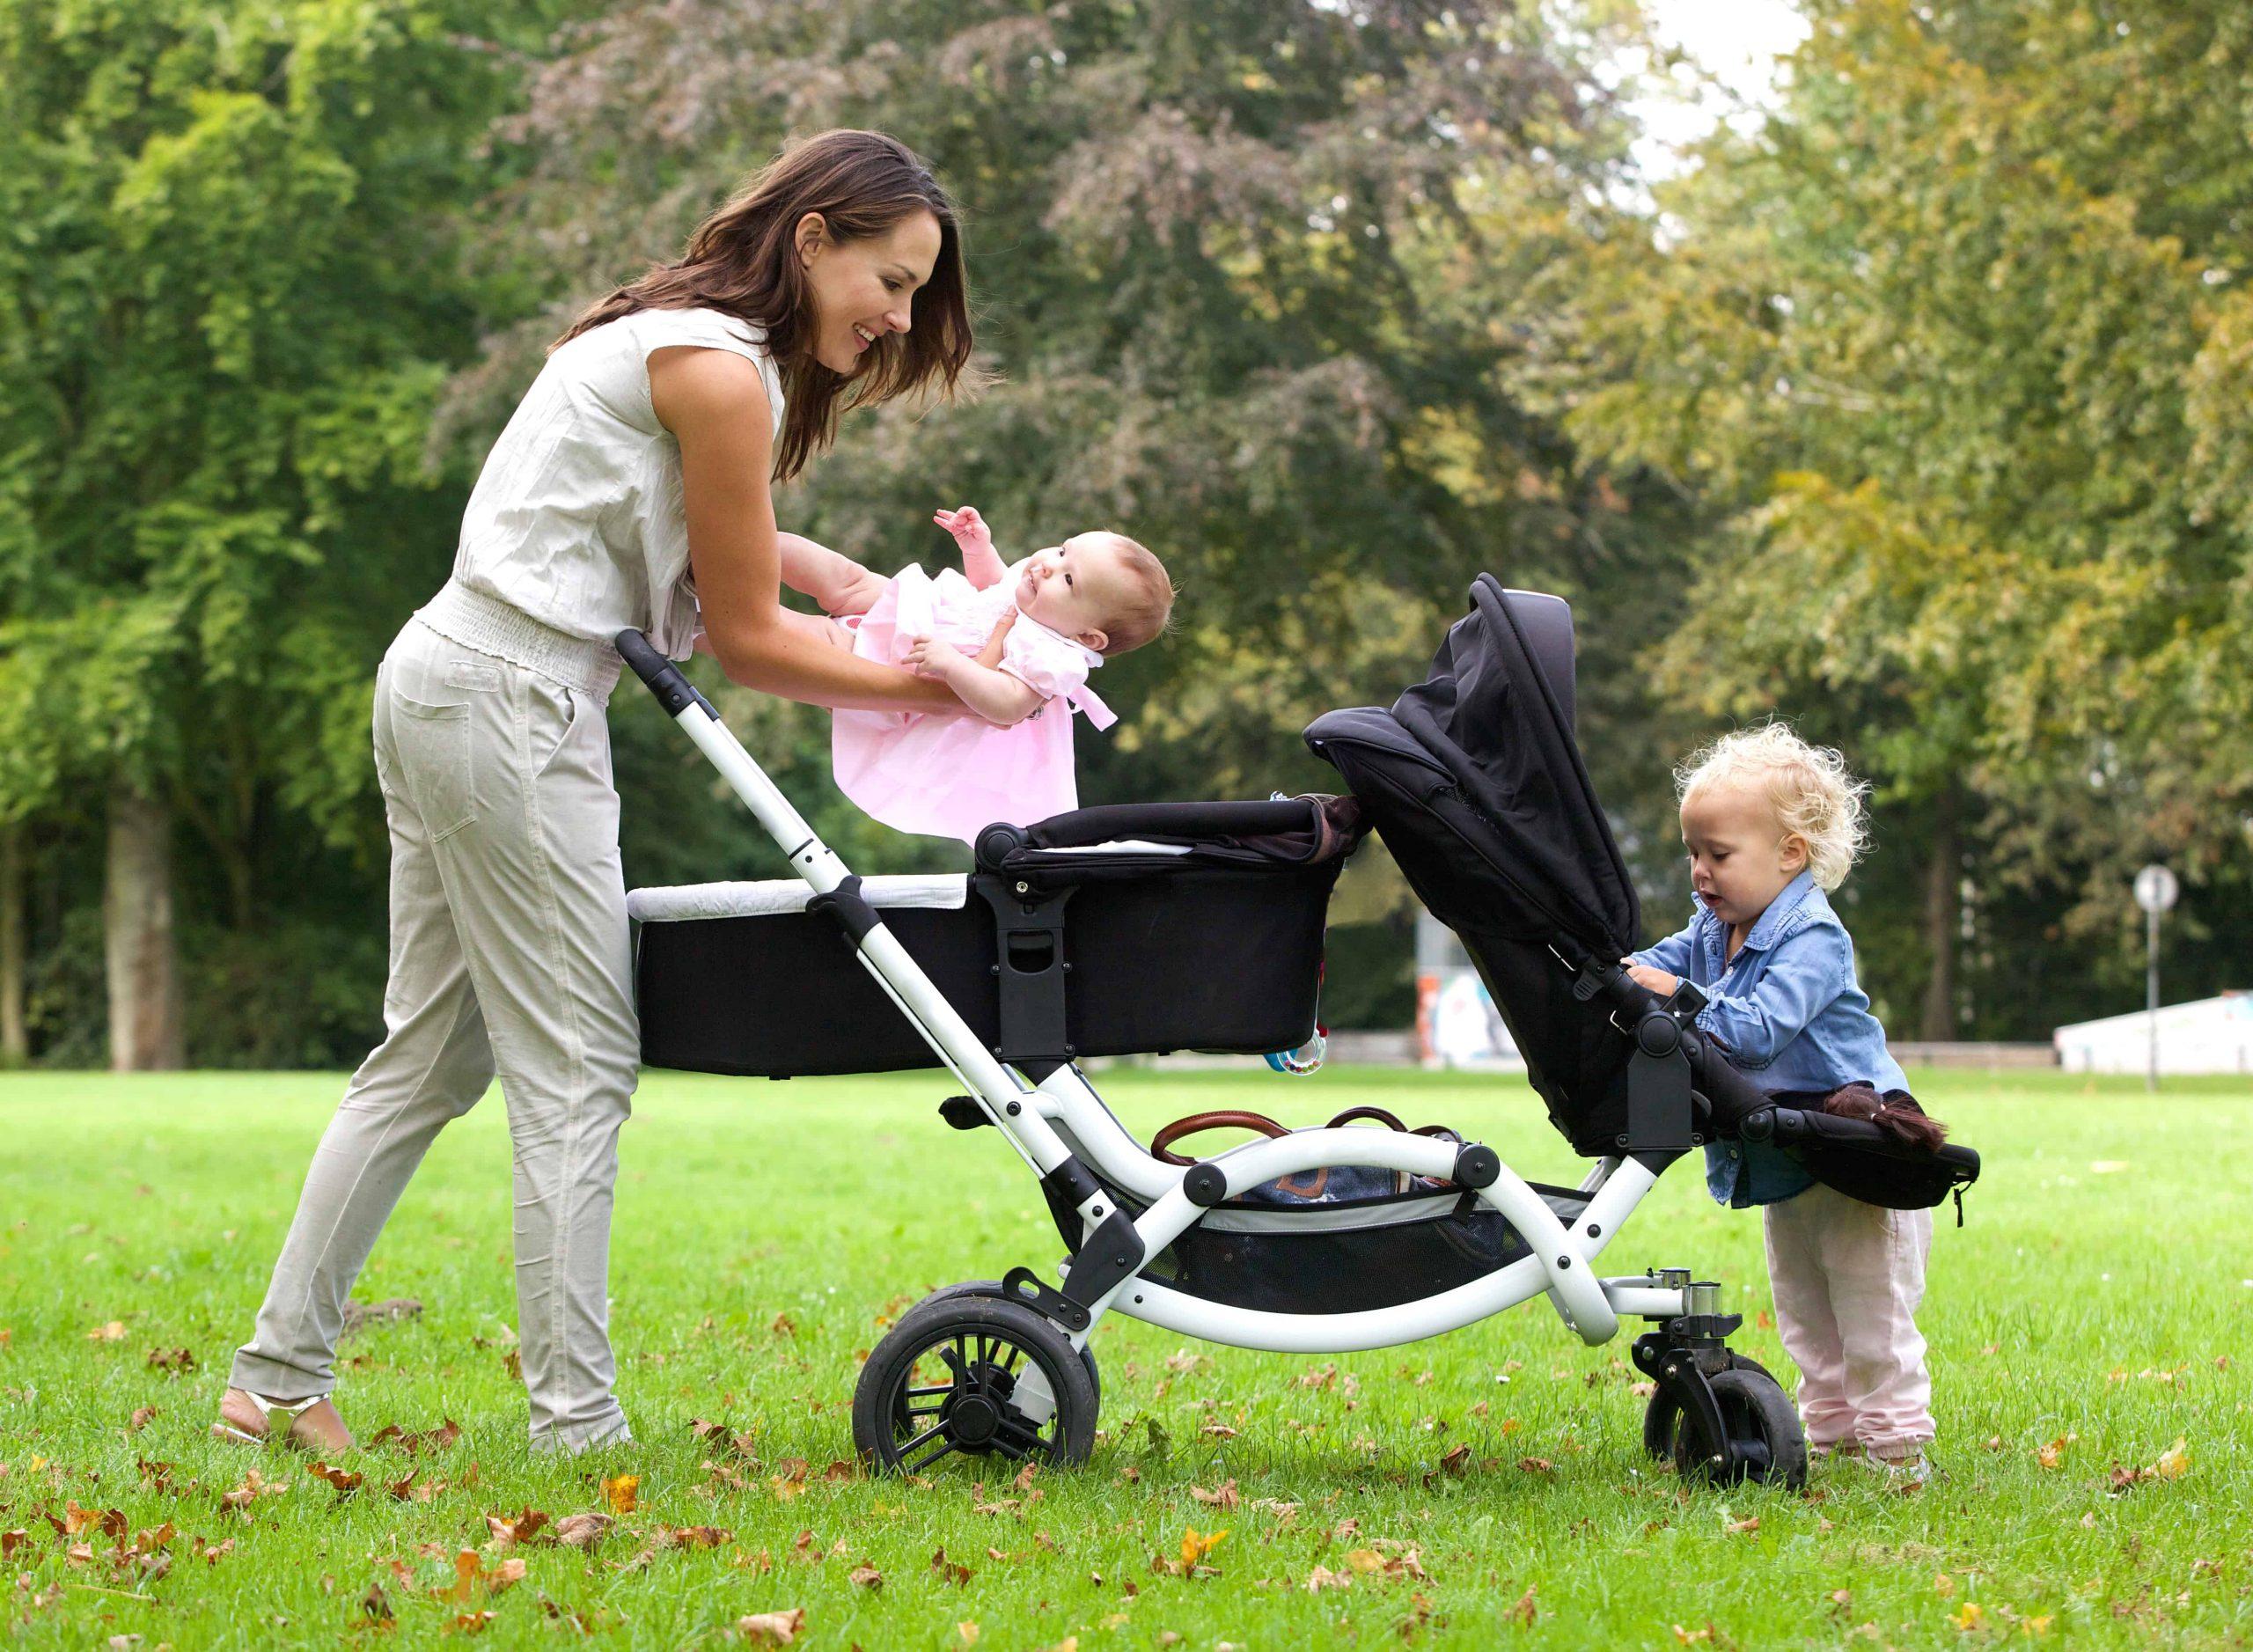 3 in 1 Kinderwagen: Test & Empfehlungen (07/20)